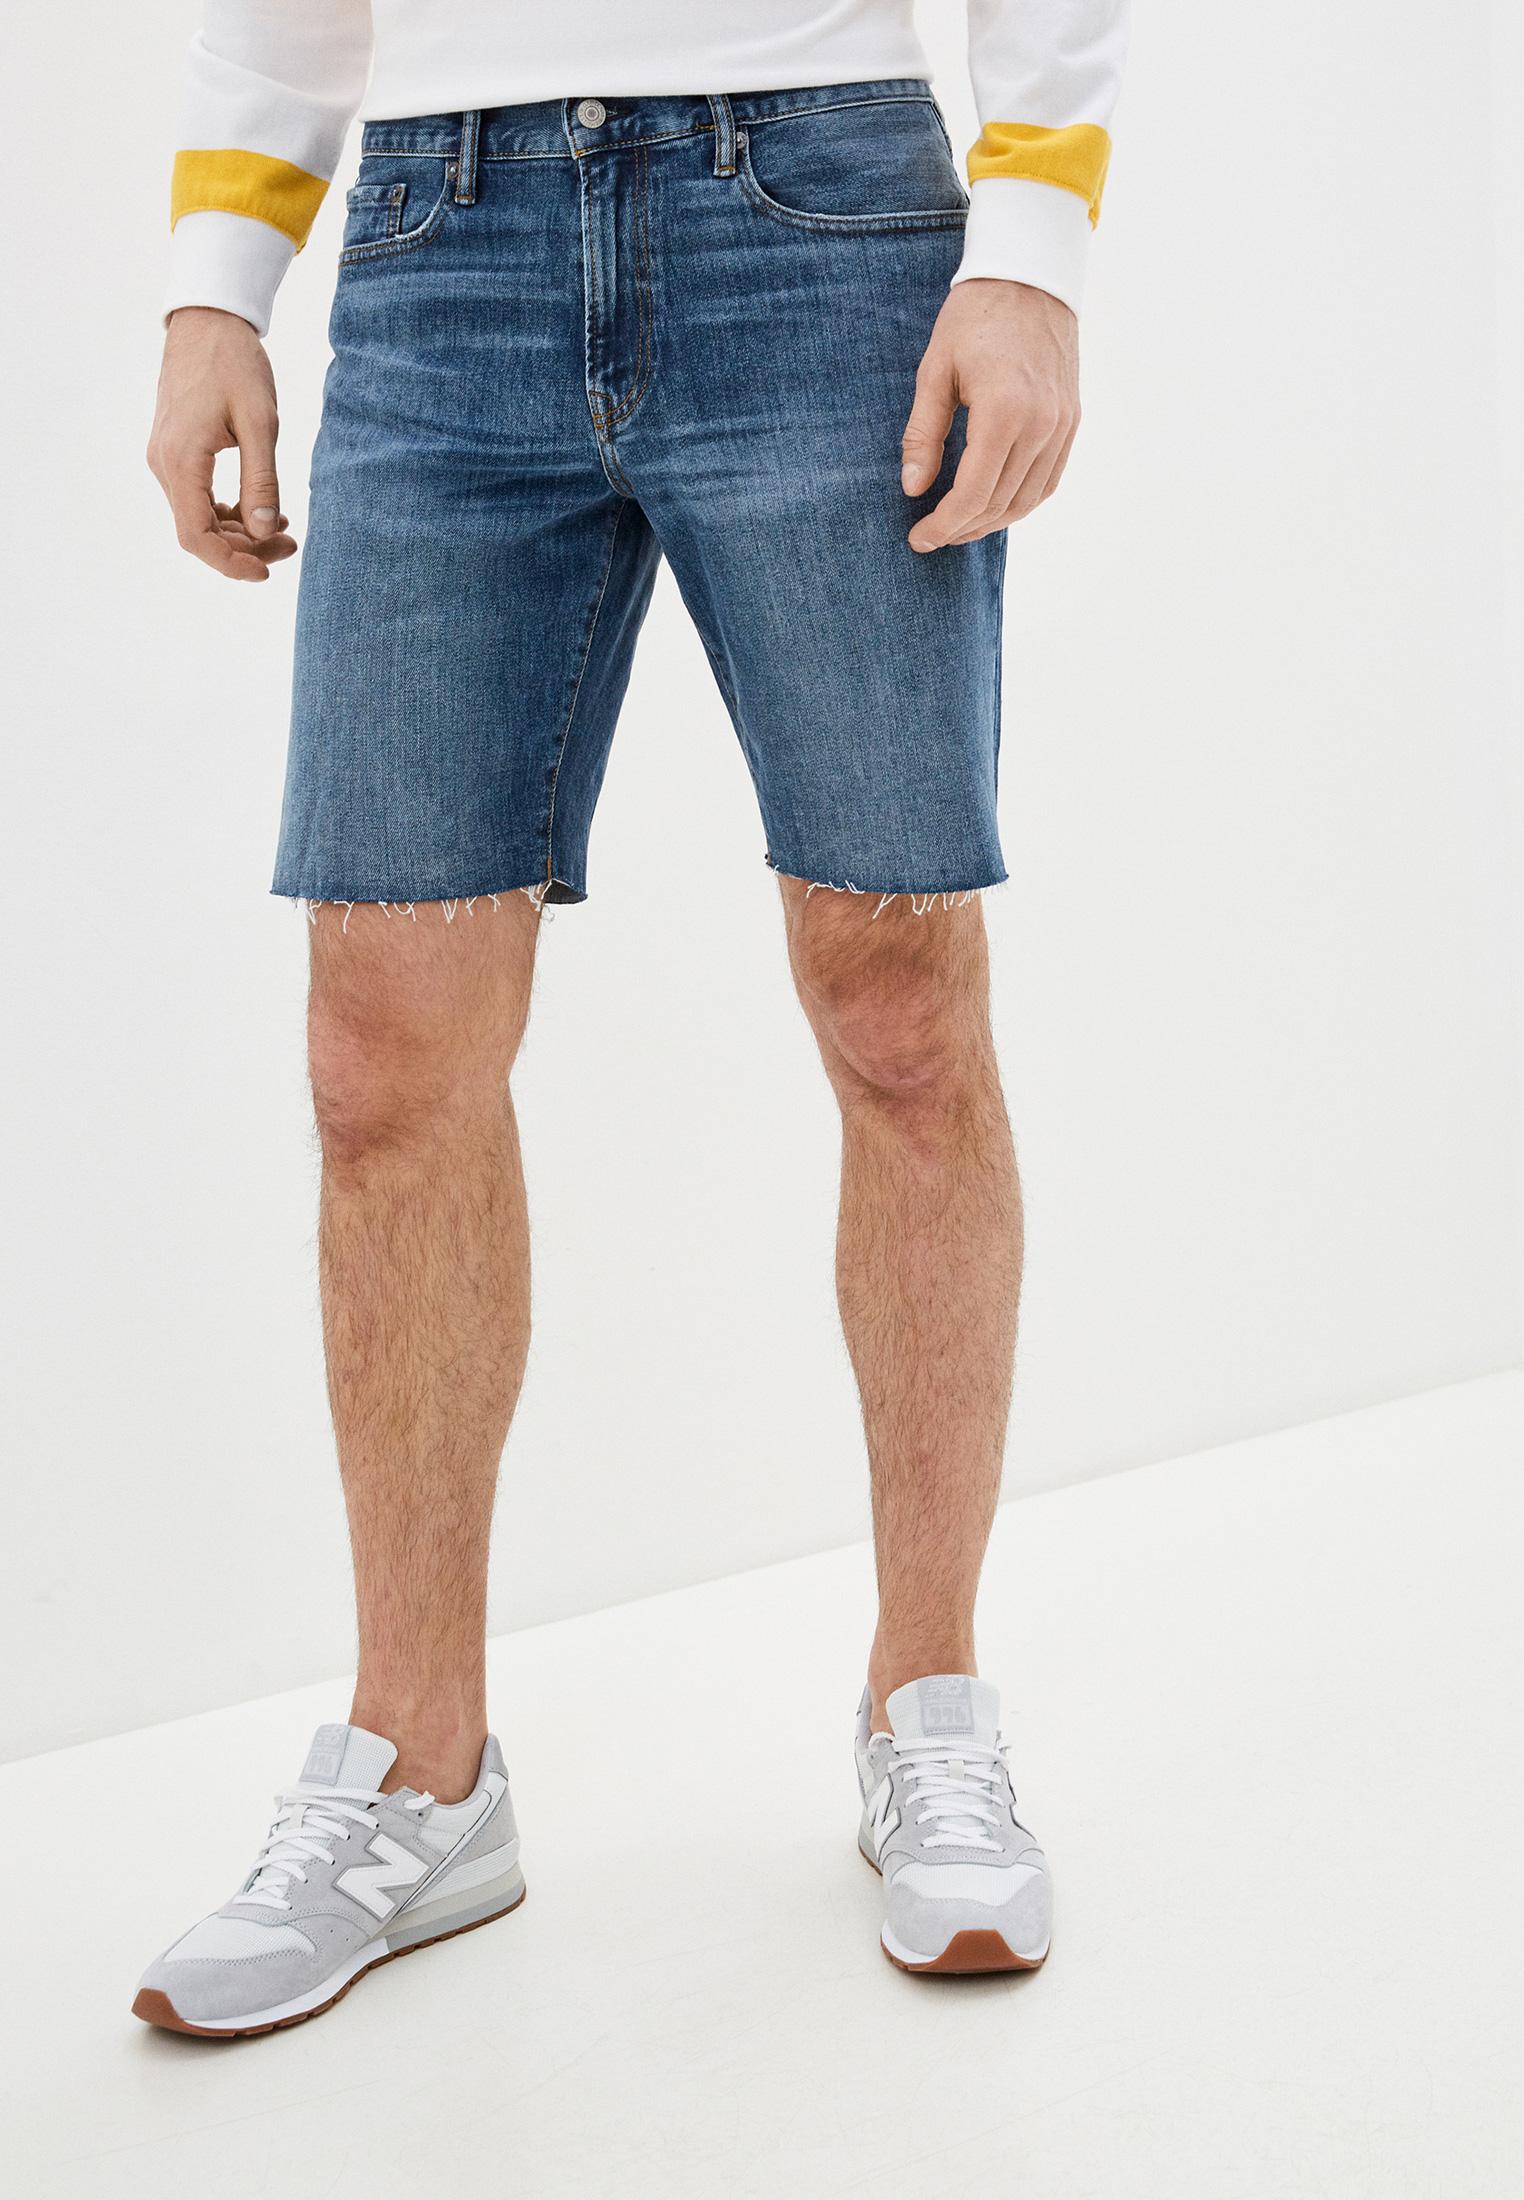 Мужские джинсовые шорты Gap 536739